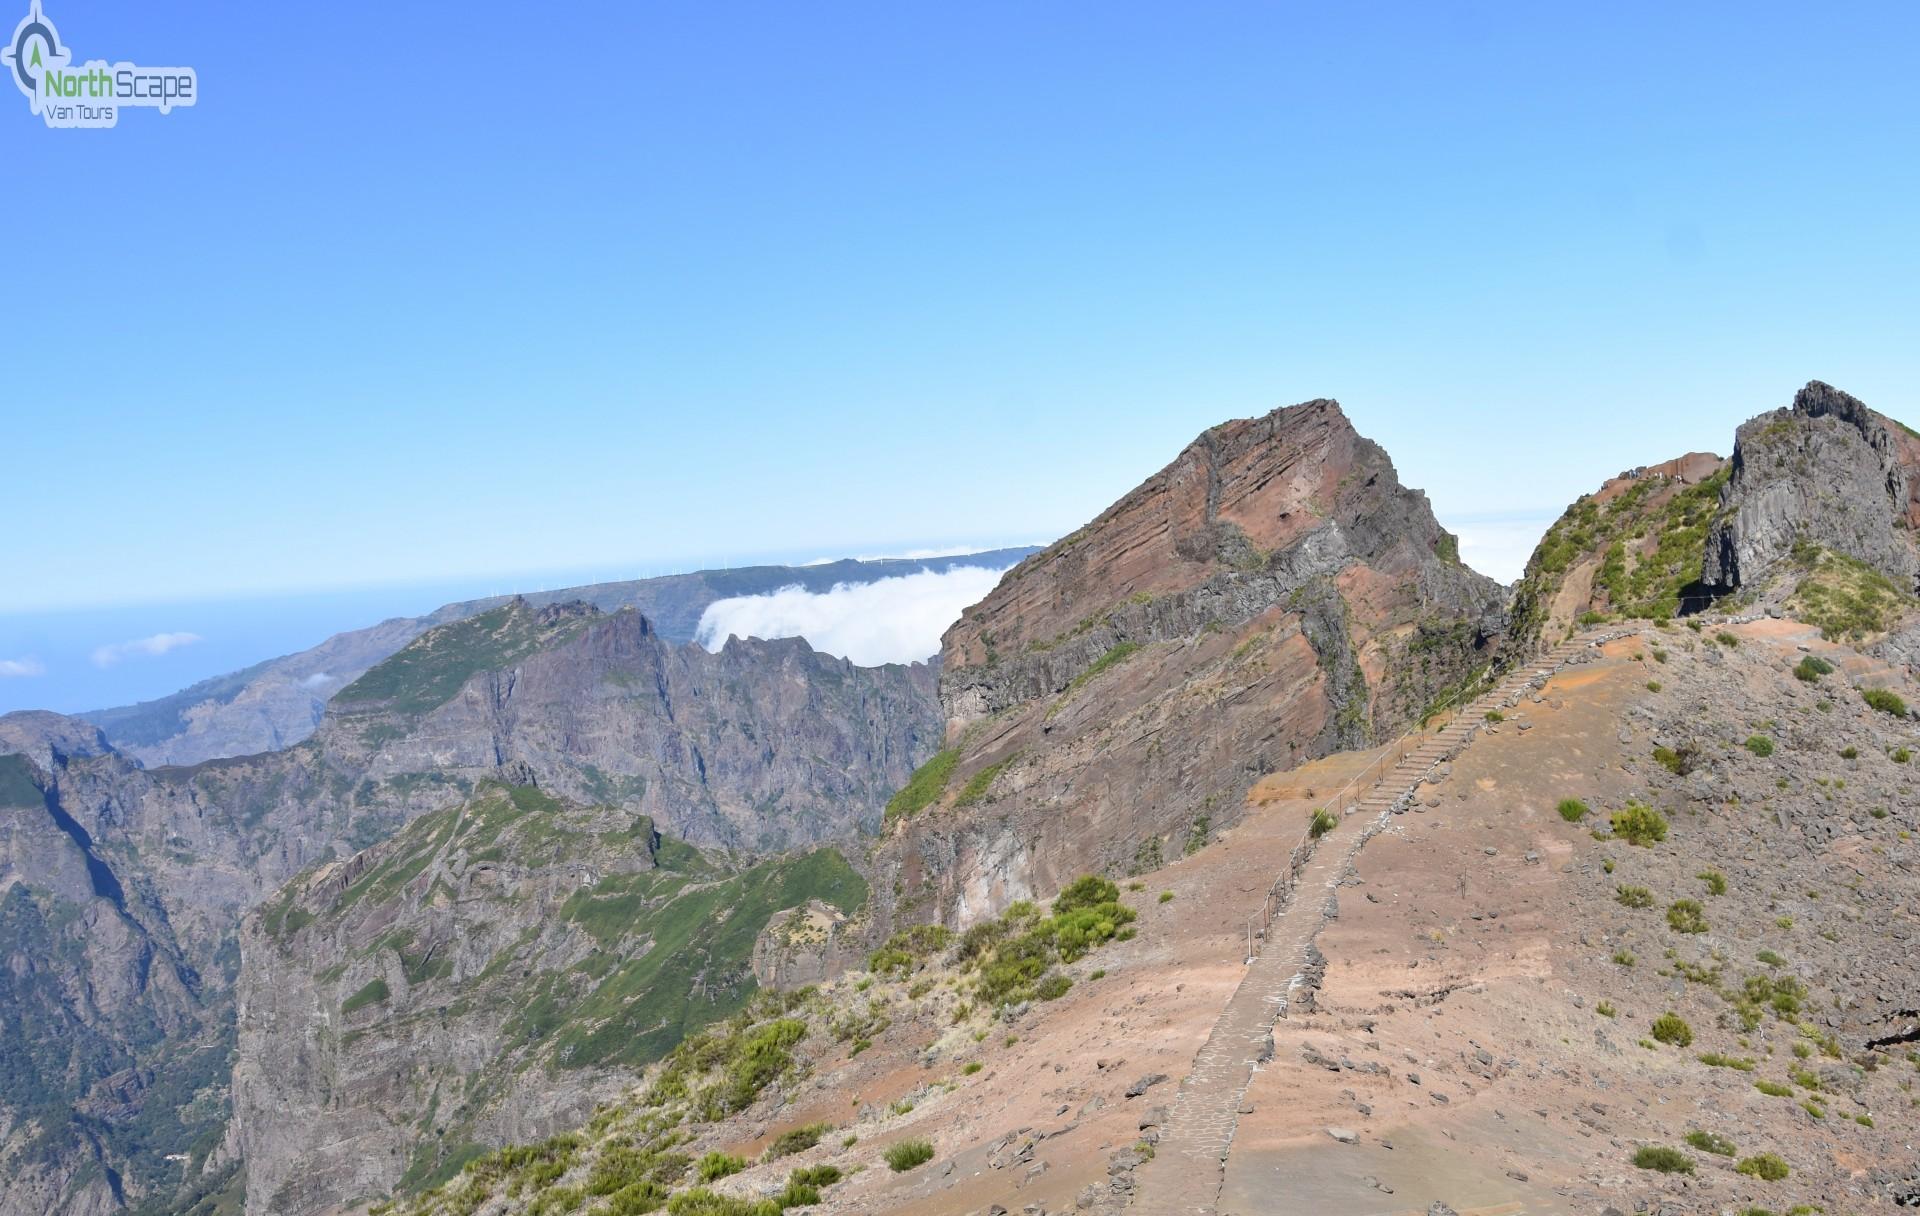 Hotel Madeira MP   Trekkings   Bilhetes: Golfinhos, Grutas   Transfers   Guias   Seguros